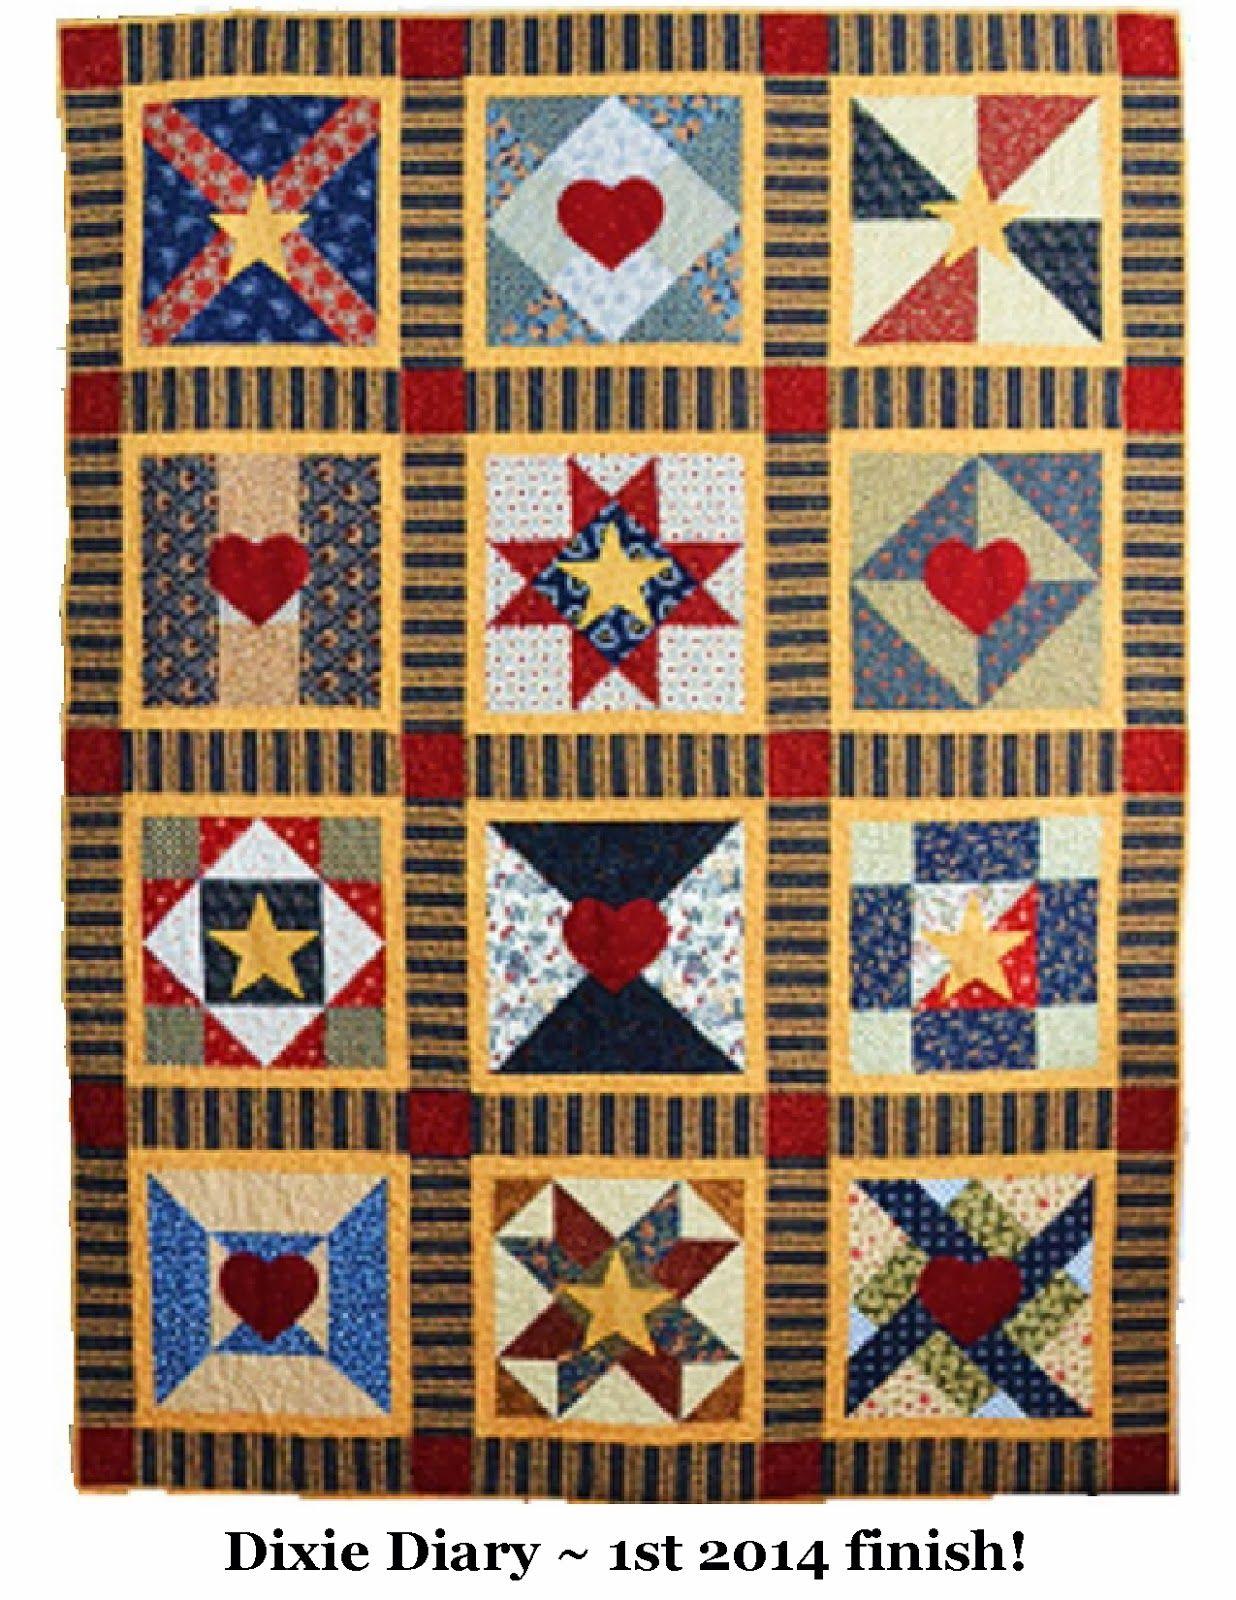 American homestead civil war quilts patriotic quilts